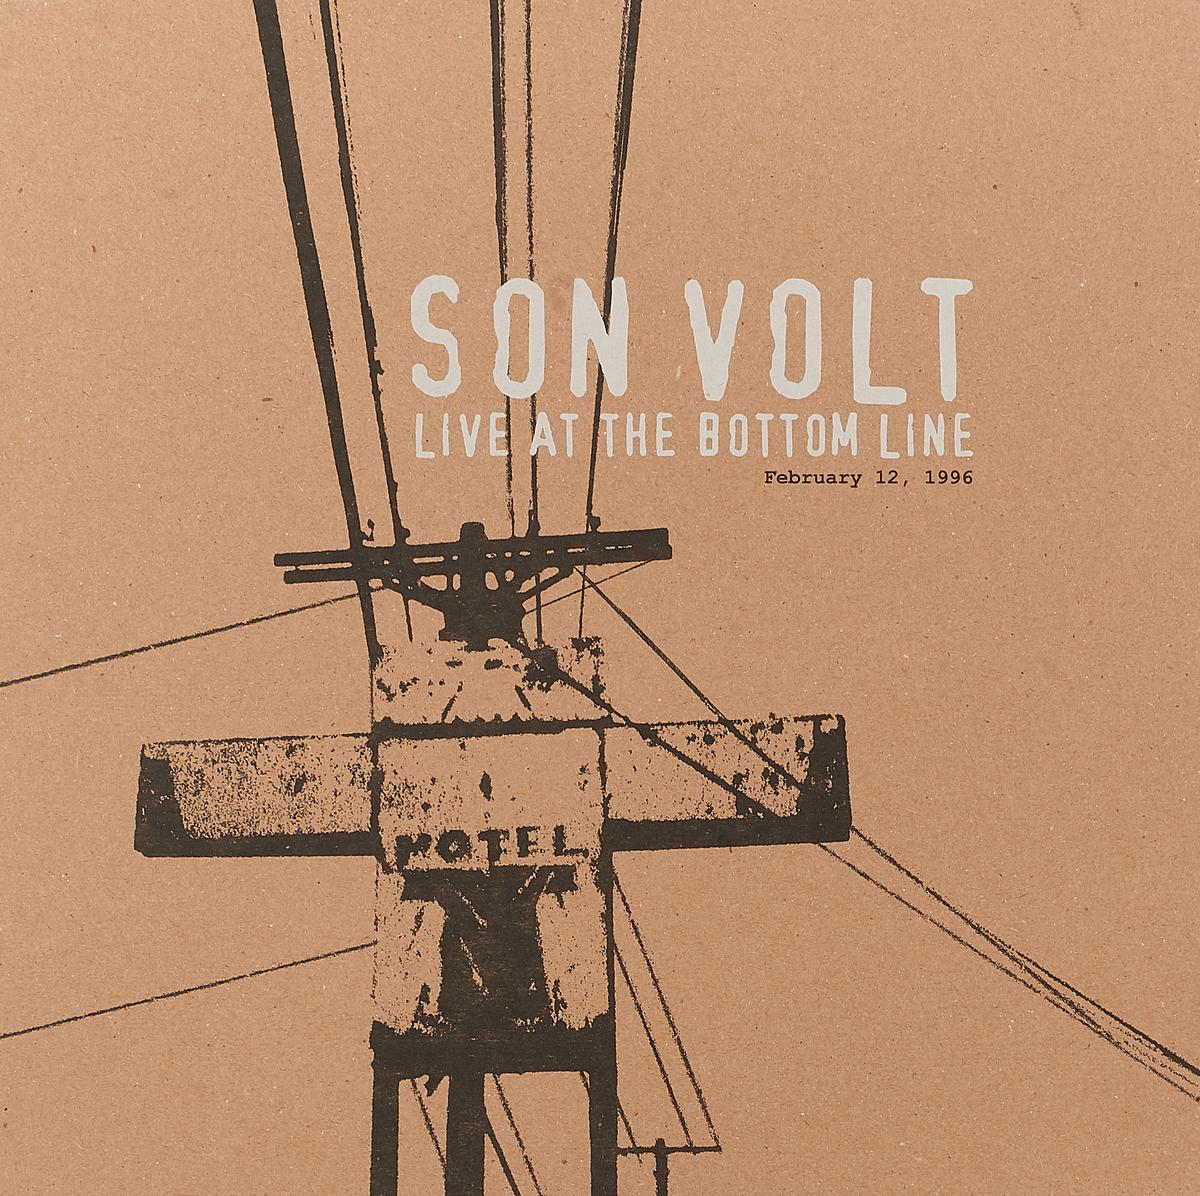 Son Volt Son Volt. Live At The Bottom Line (2 LP) son volt son volt live at the bottom line 2 12 96 2 lp 180 gr